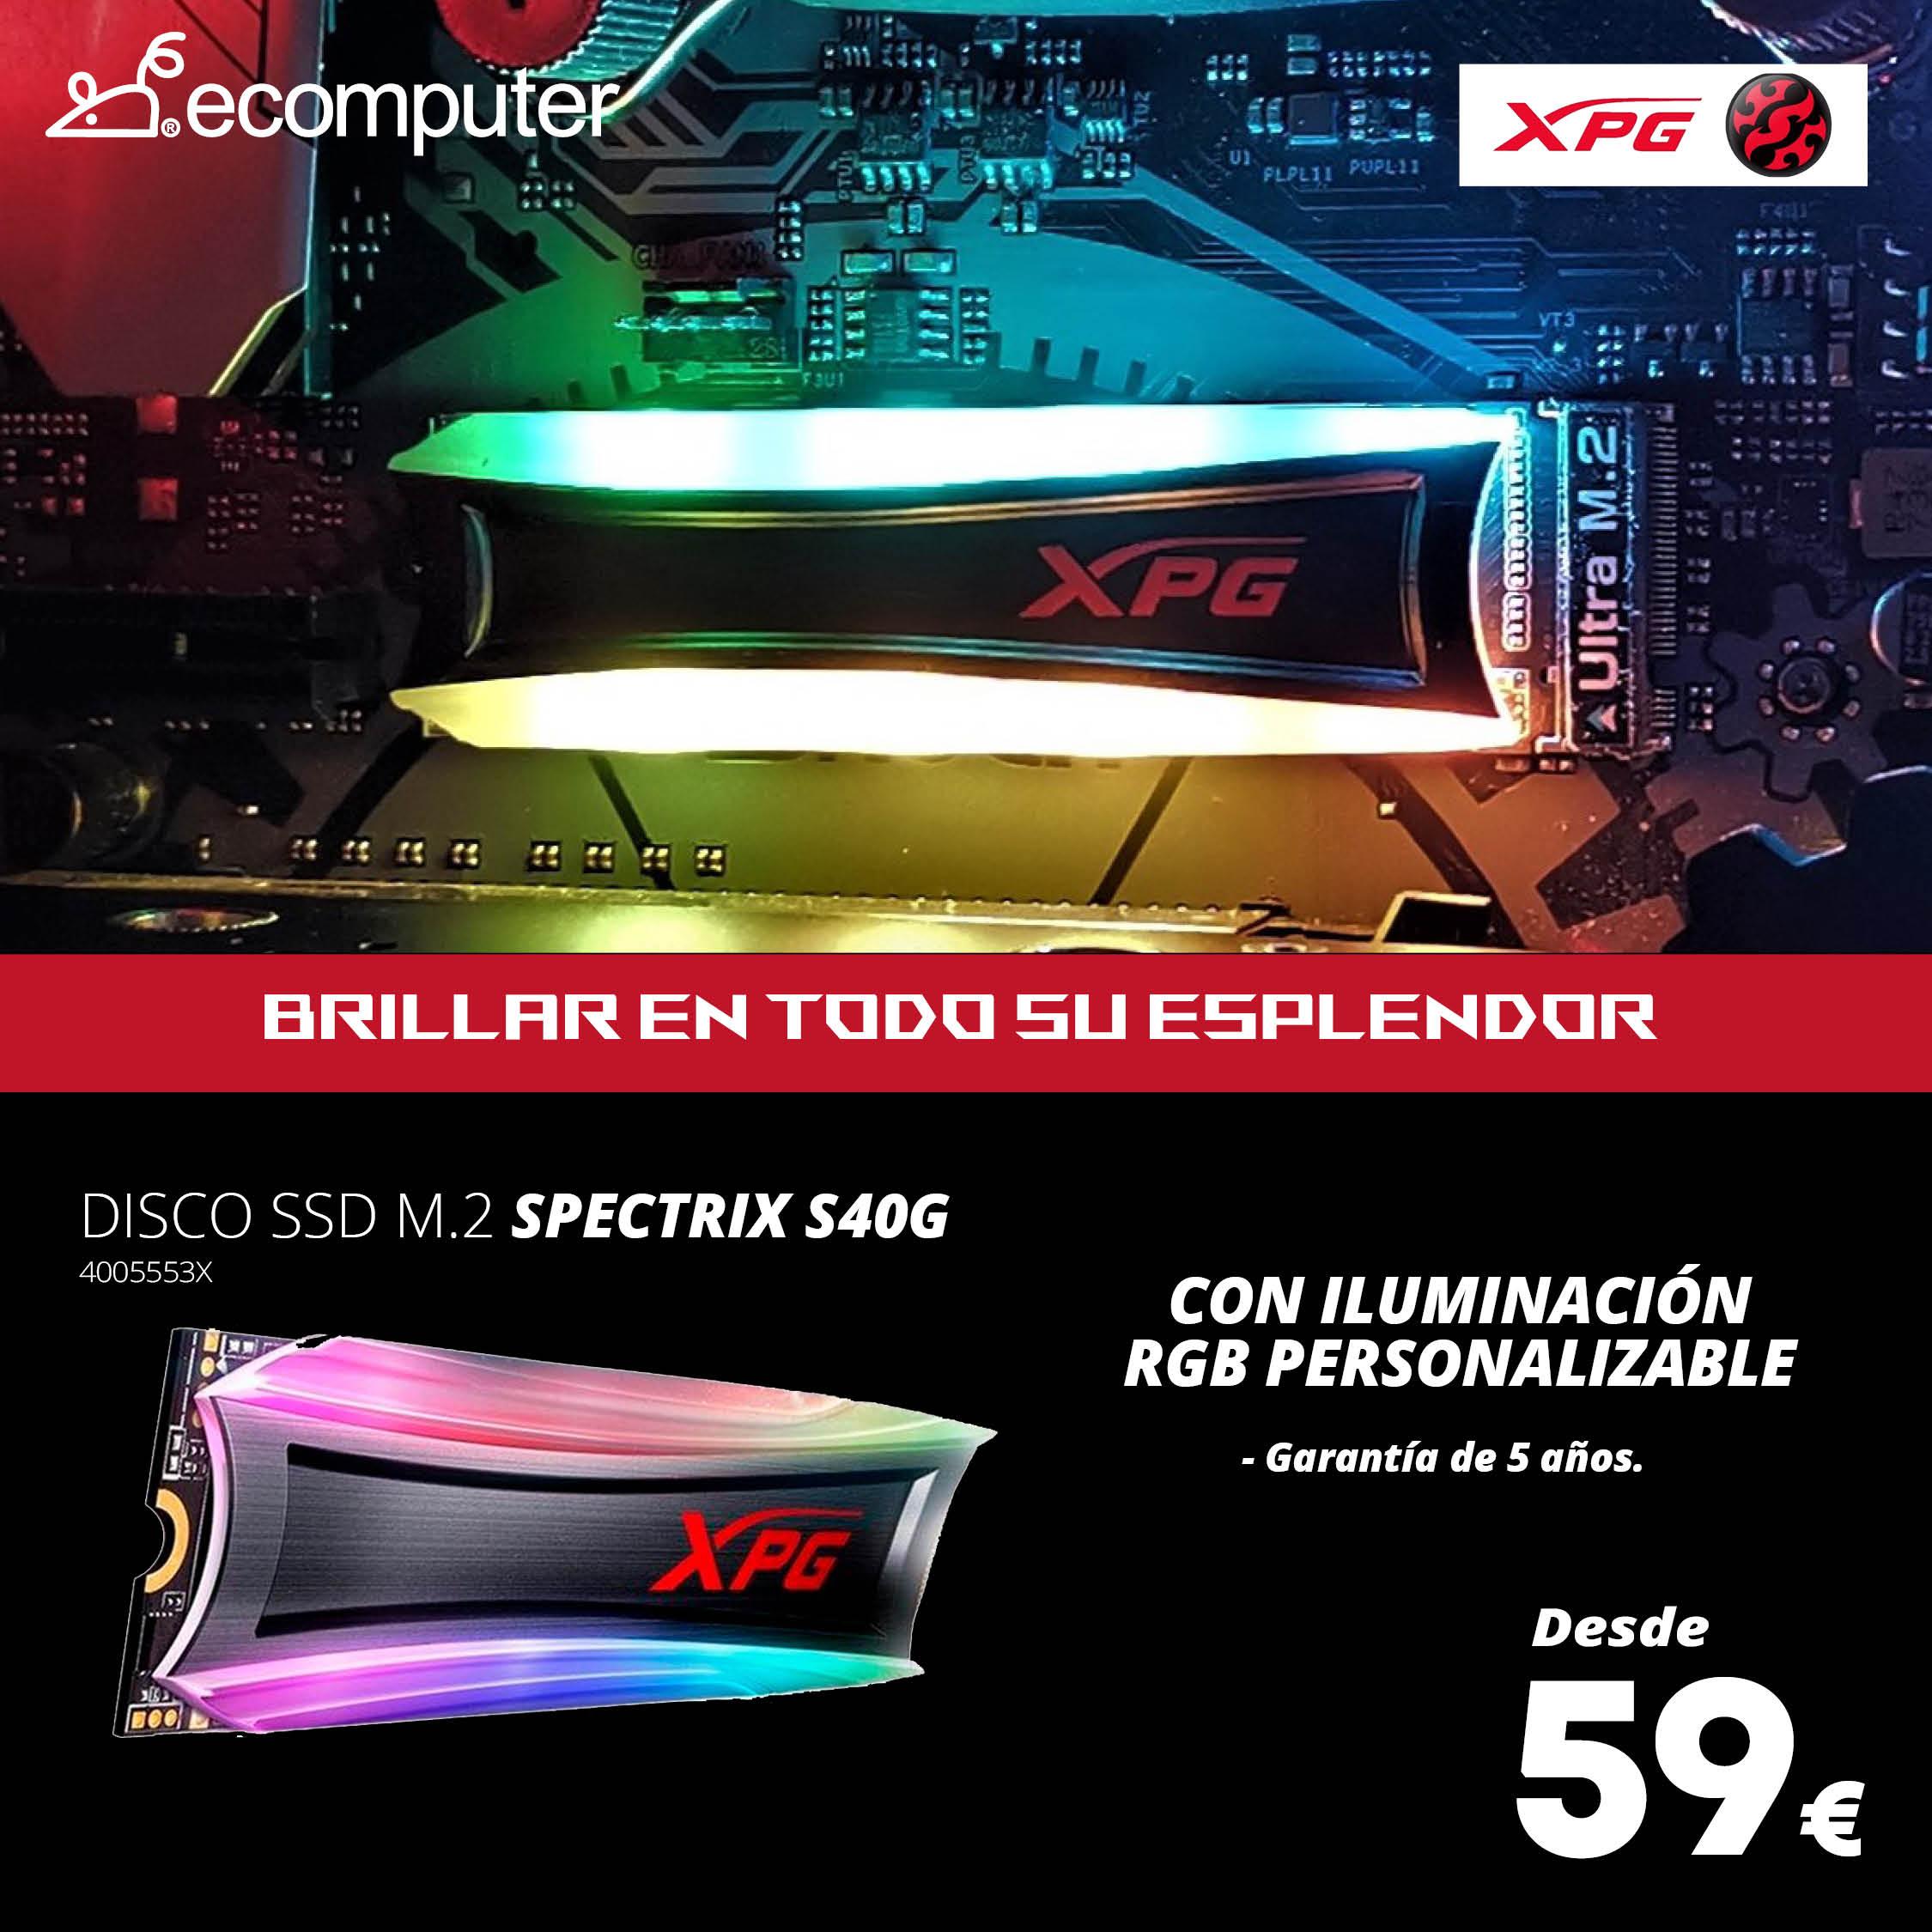 disco SSD M.2 SPECTRIX S40G